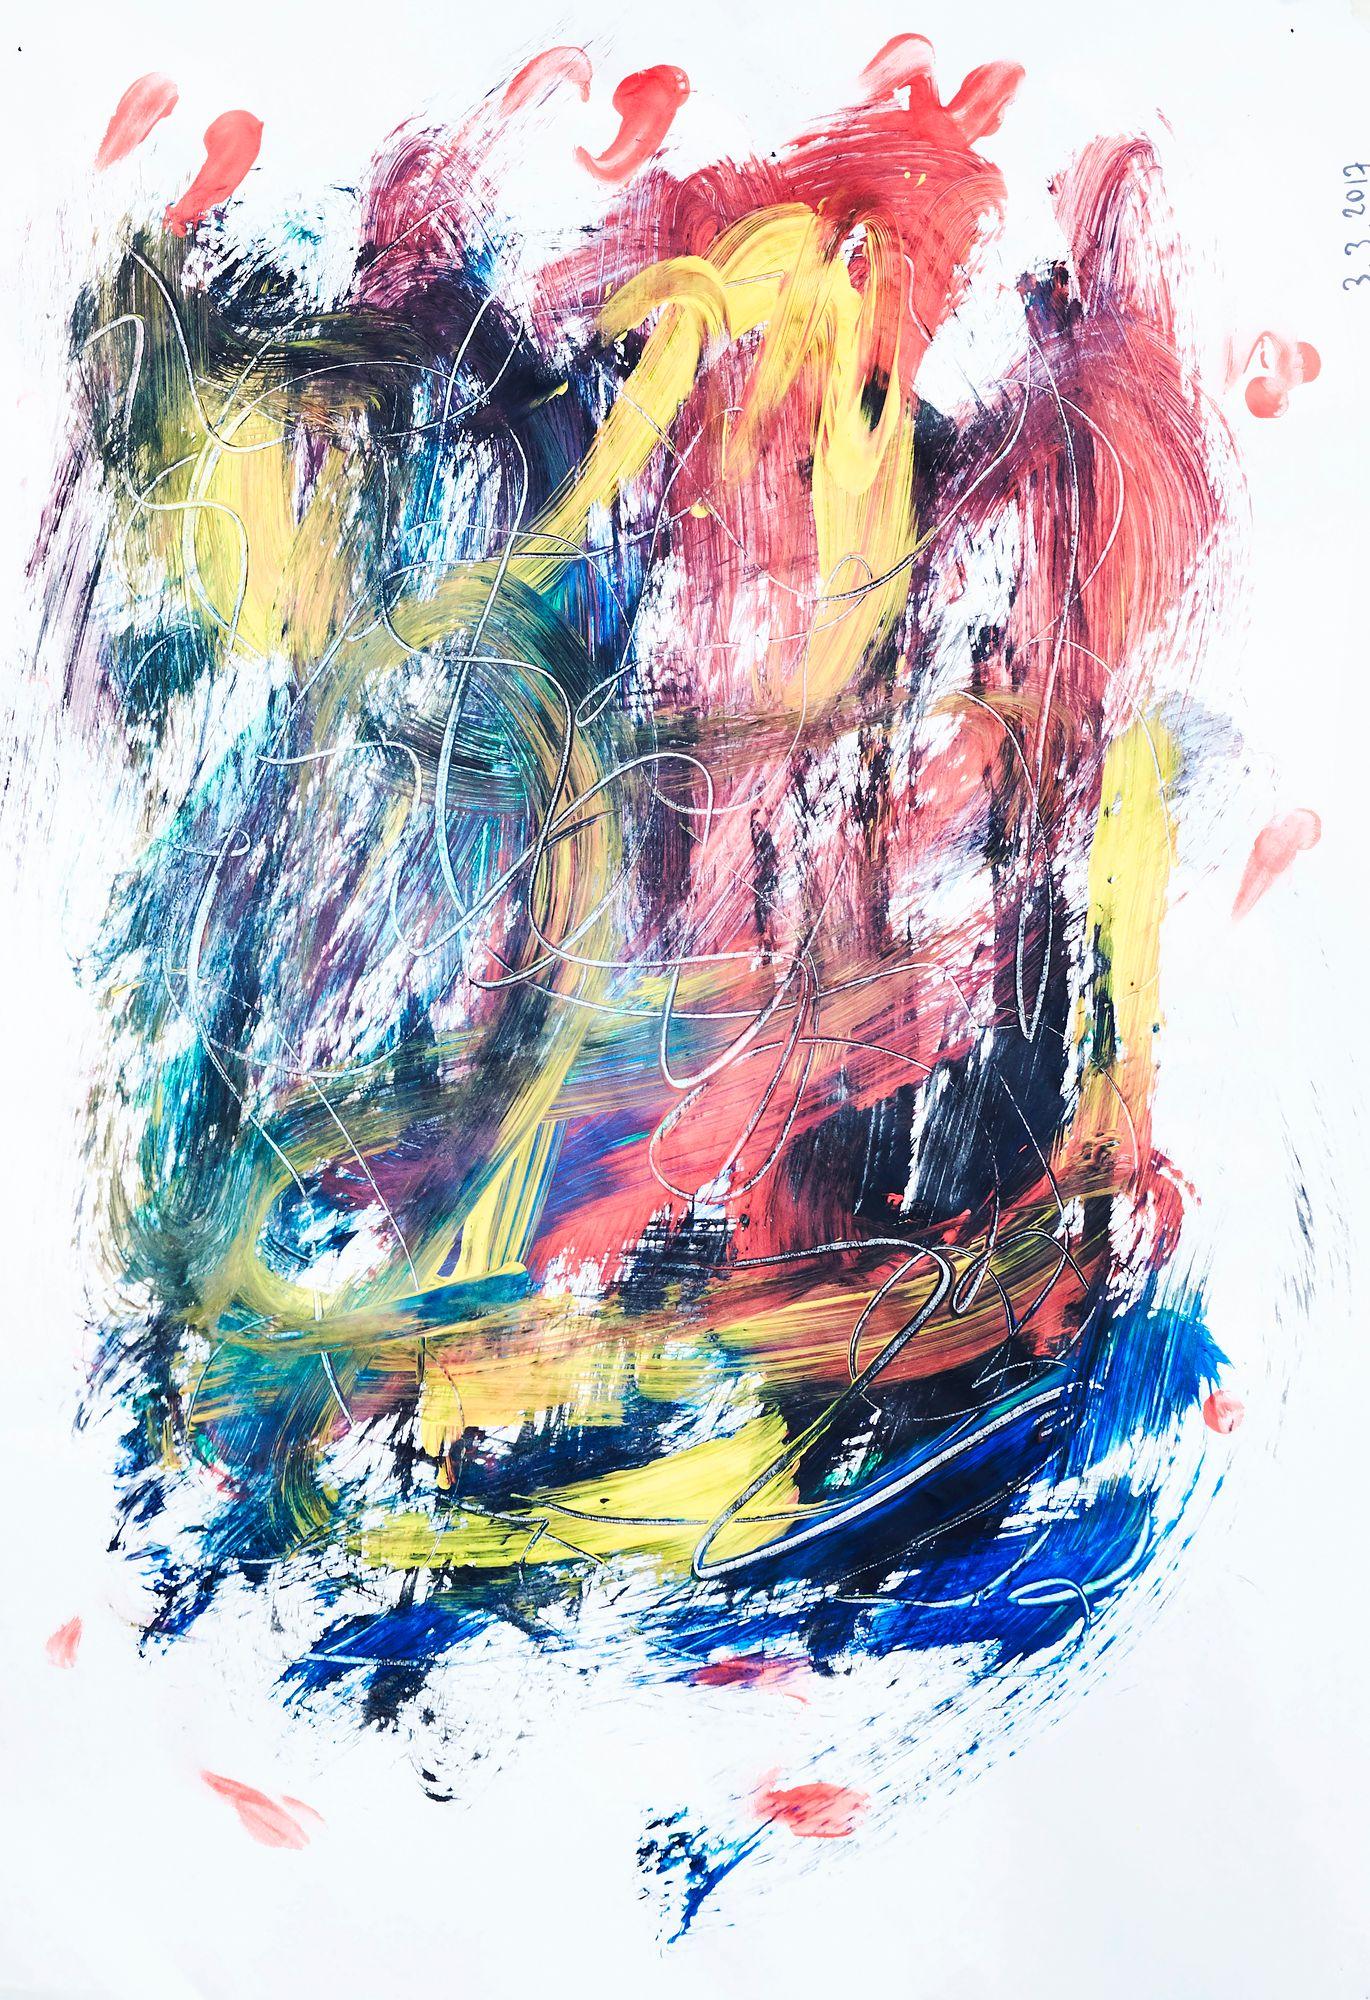 Seurakunnan järjestämä taideterapia on ollut Helille tärkeä keino käsitellä menetyksiä. © Sara Pihlaja